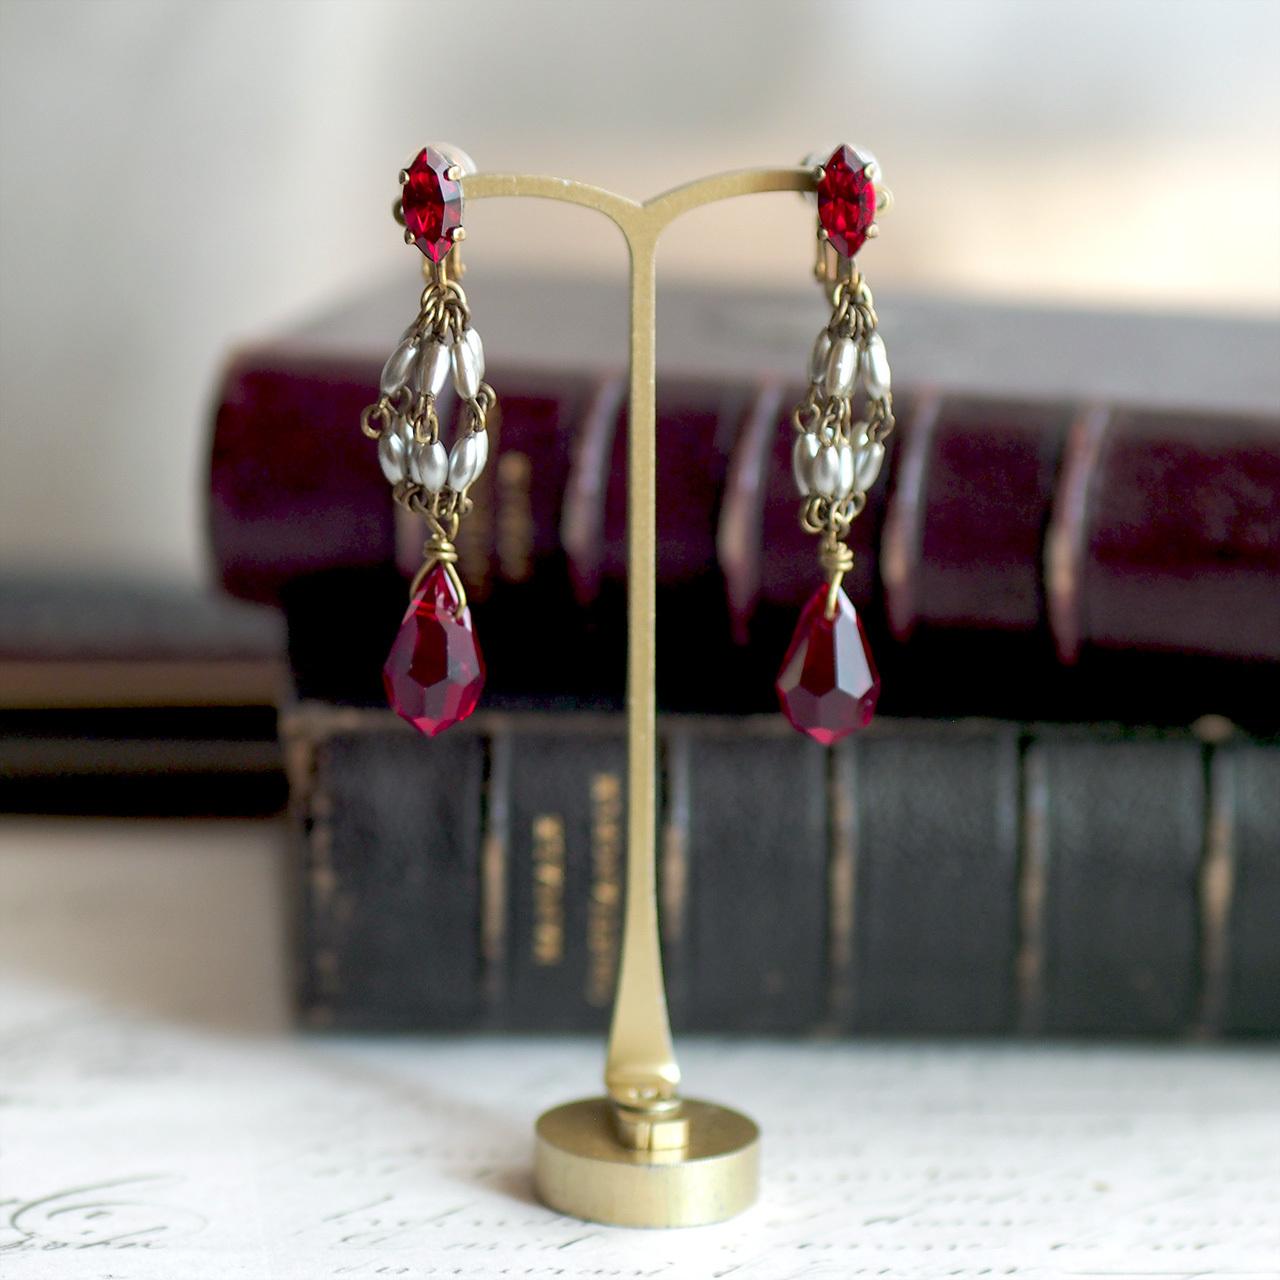 カーテンコール / イヤリング(GlassPearl&Red)